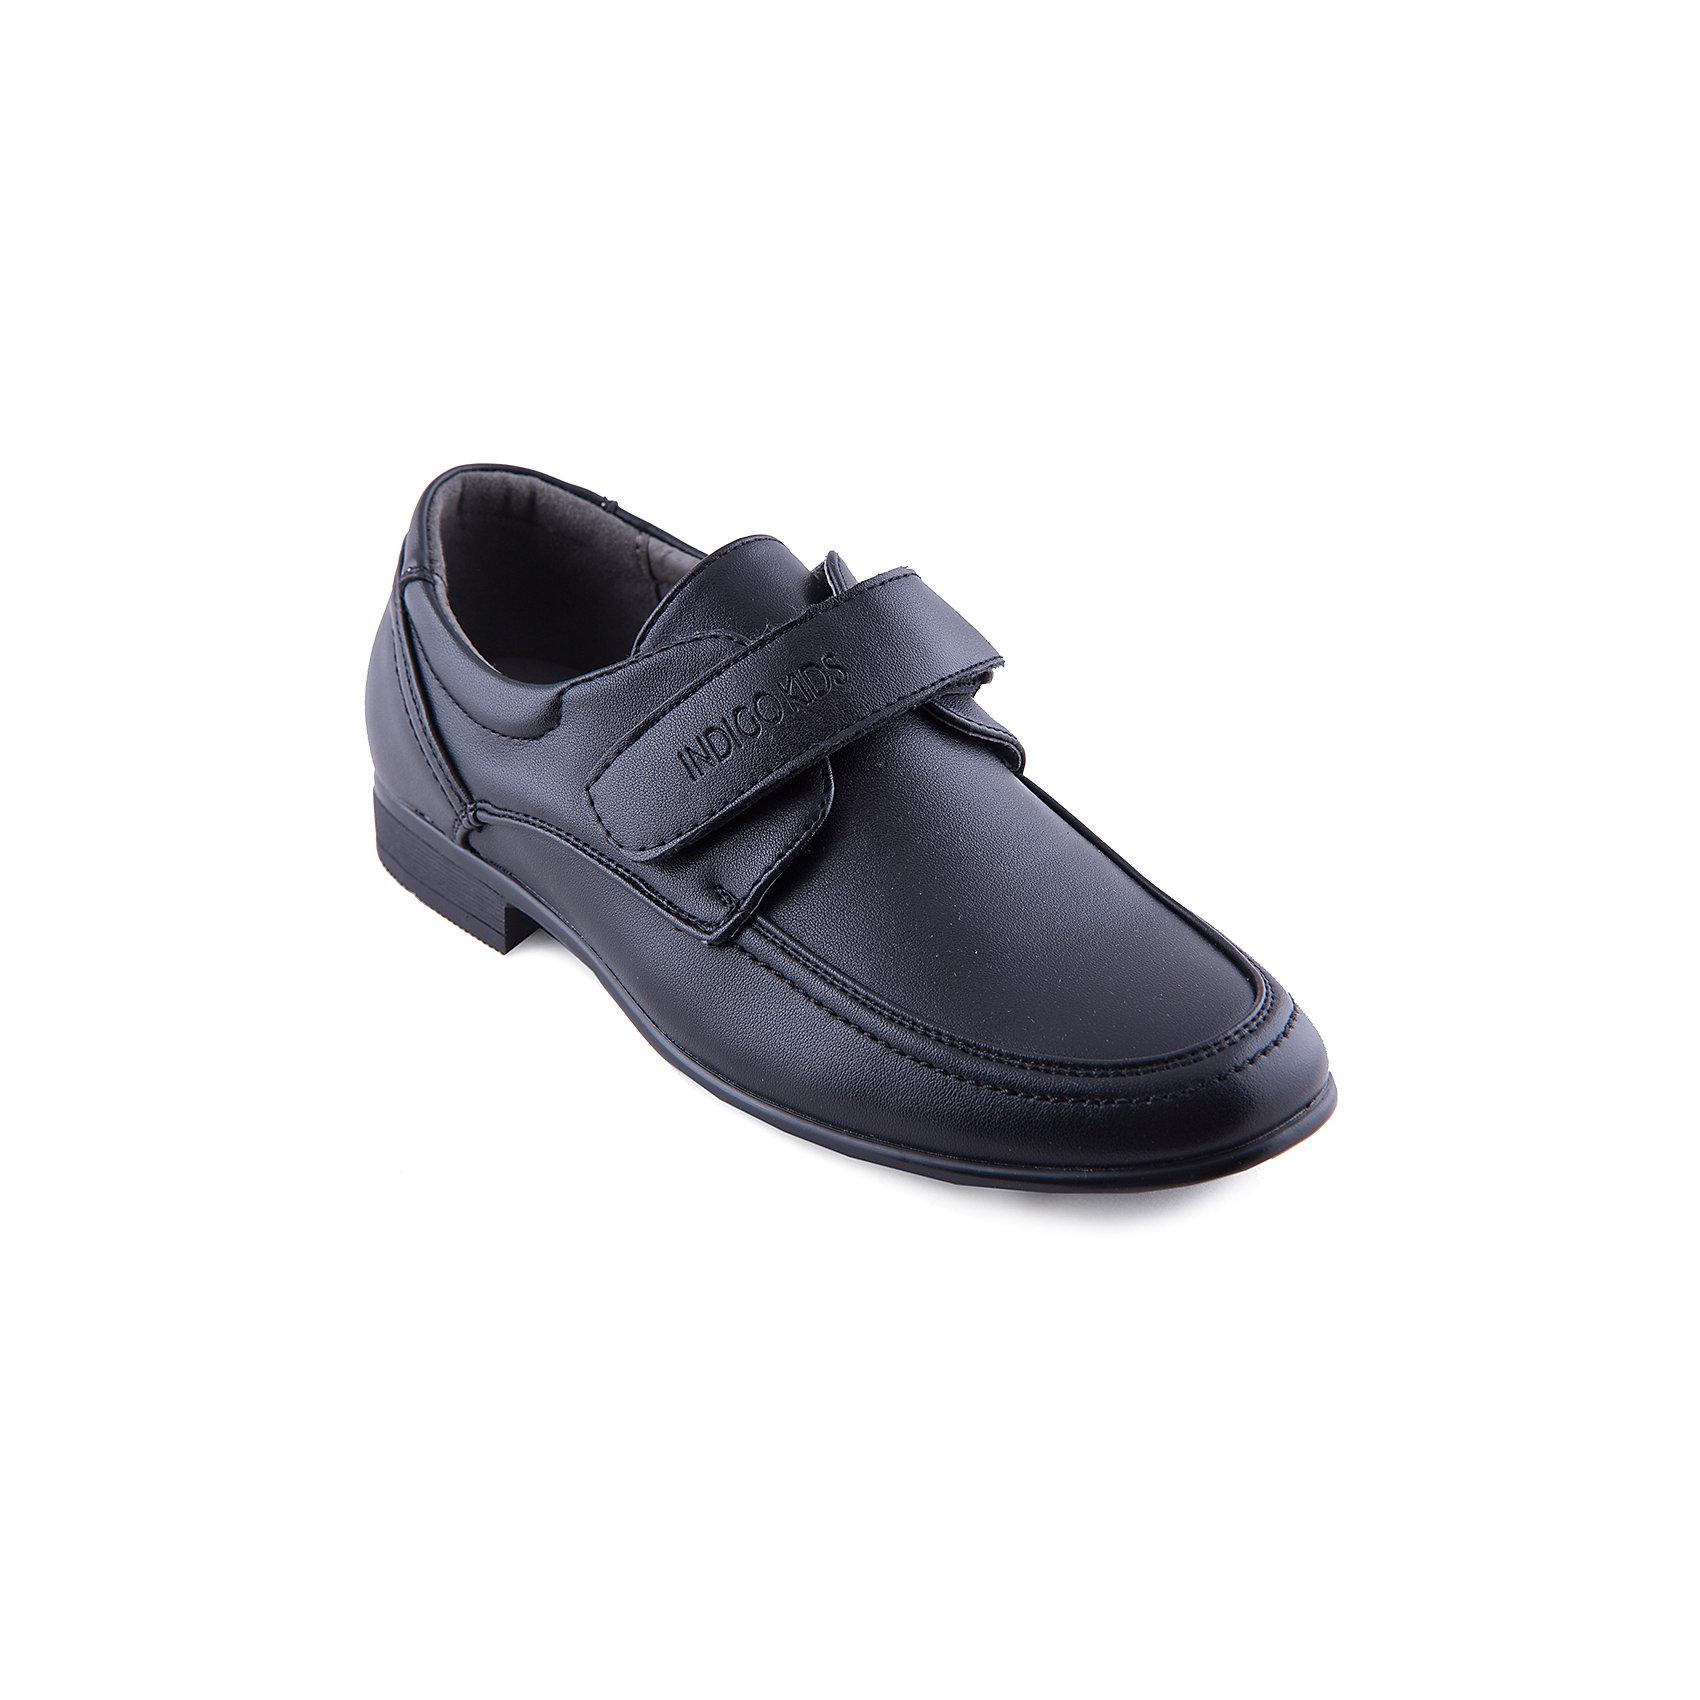 Полуботинки для мальчика Indigo kidsПолуботинки для мальчика от популярной марки Indigo kids.<br><br>Модные полуботинки с небольшим каблуком разработаны специально для мальчиков. Они помогут создать нарядный образ в межсезонье, а также станут удобной и элегантной обувью для школы.<br>Их отличительные особенности:<br>- классическая, но стильная, форма;<br>- универсальный черный цвет;<br>- комфортная колодка;<br>- удобная гибкая подошва;<br>- полуботинки позволяют коже ног дышать;<br>- надежно и быстро застегиваются на липучку;<br>- качественная подкладка из натуральной кожи.<br>Дополнительная информация:<br>- Сезон: демисезонные.<br>- Состав:<br>материал верха: искусственная кожа<br>материал подкладки: натуральная кожа<br>подошва: ТЭП.<br>Полуботинки для мальчика Indigo kids (Индиго кидс) можно купить в нашем магазине.<br><br>Ширина мм: 262<br>Глубина мм: 176<br>Высота мм: 97<br>Вес г: 427<br>Цвет: черный<br>Возраст от месяцев: 132<br>Возраст до месяцев: 144<br>Пол: Мужской<br>Возраст: Детский<br>Размер: 35,37,38,33,34,36<br>SKU: 4202985